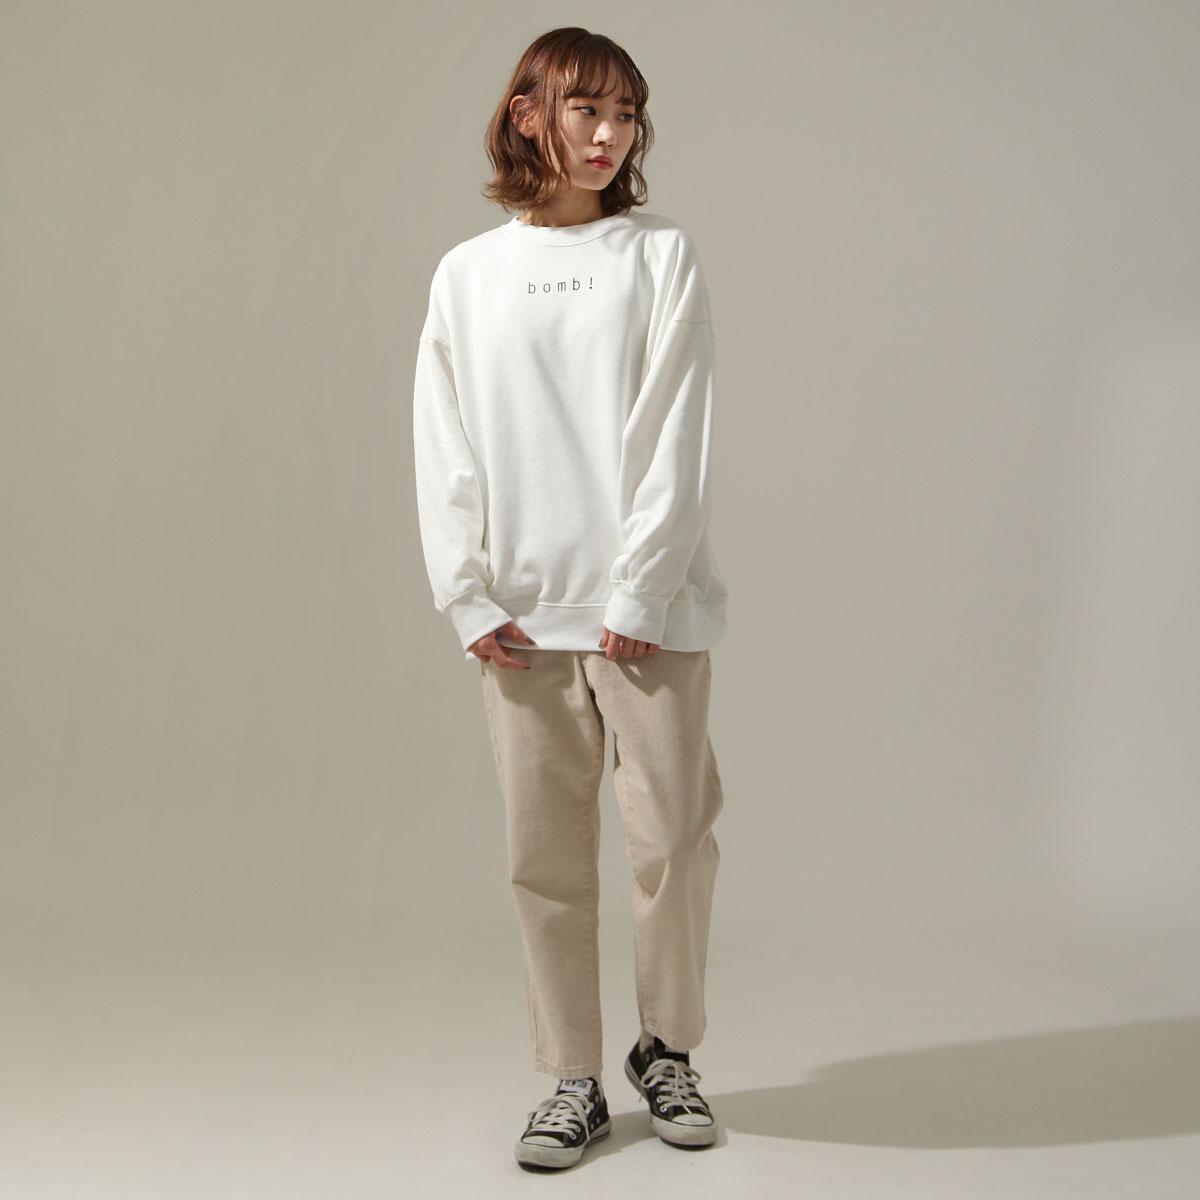 女裝 LOGO設計寬版運動衫 6